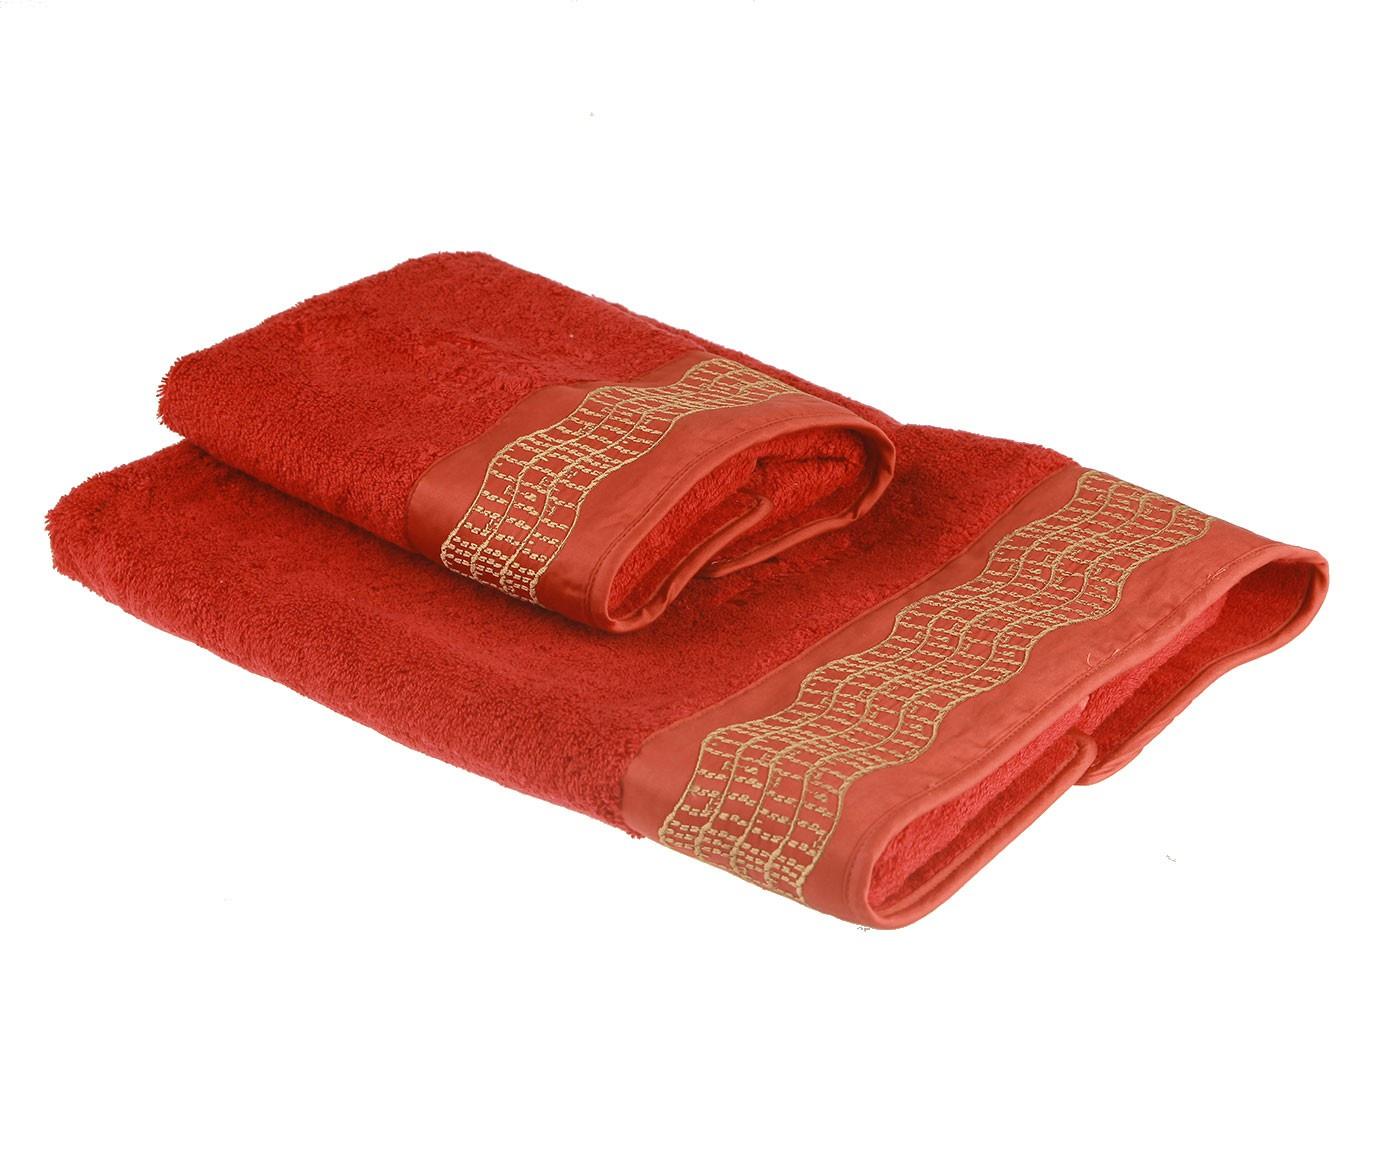 цена Набор банных полотенец Trussardi Lord, красный онлайн в 2017 году